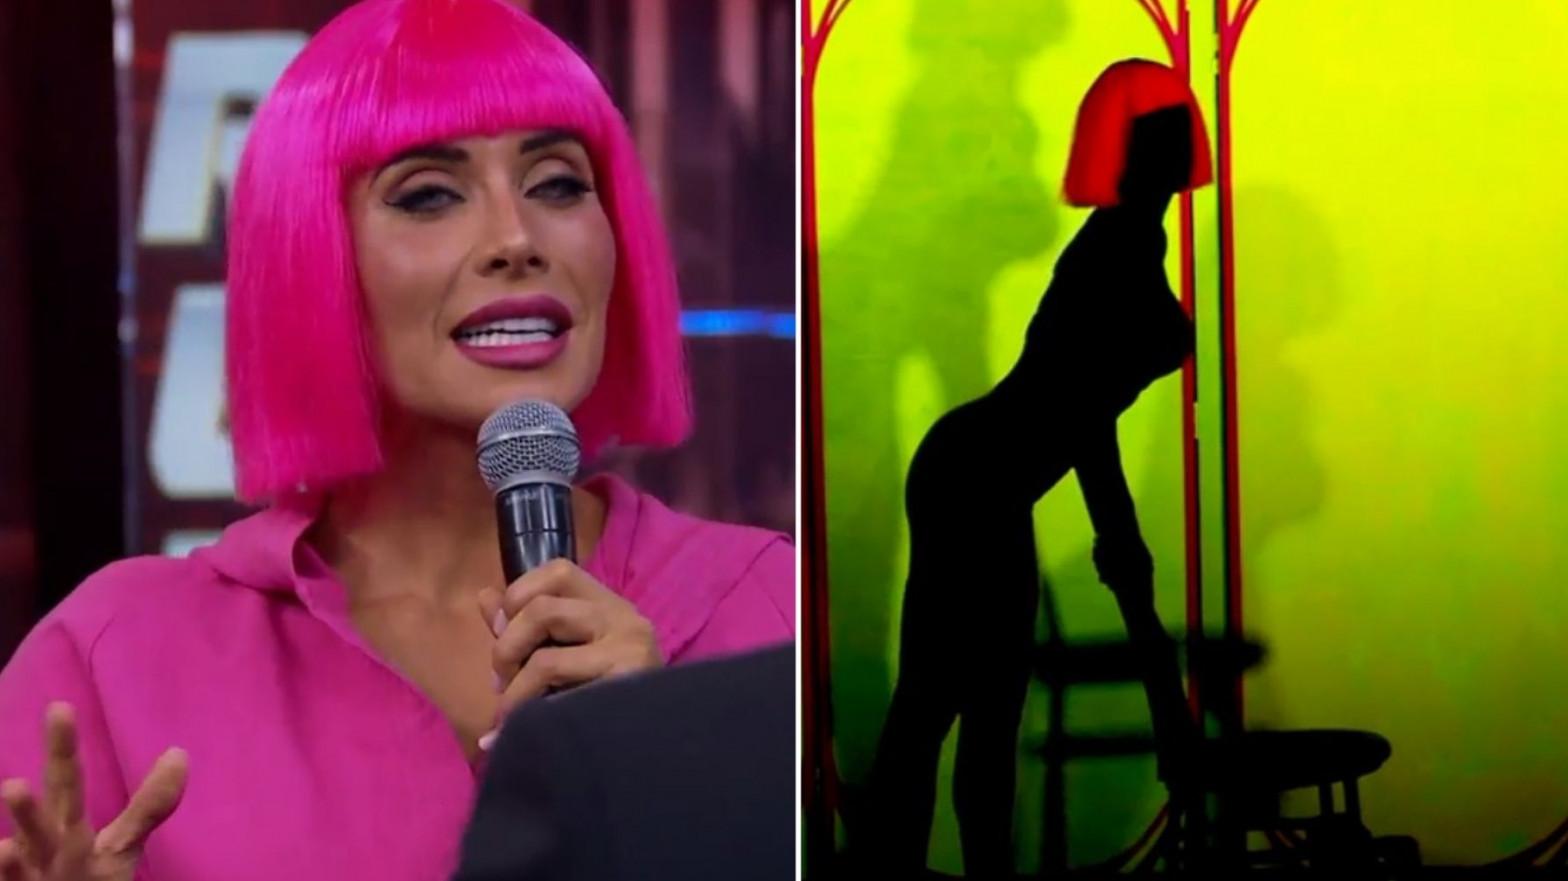 Críticas contra el baile sensual de Pilar Rubio